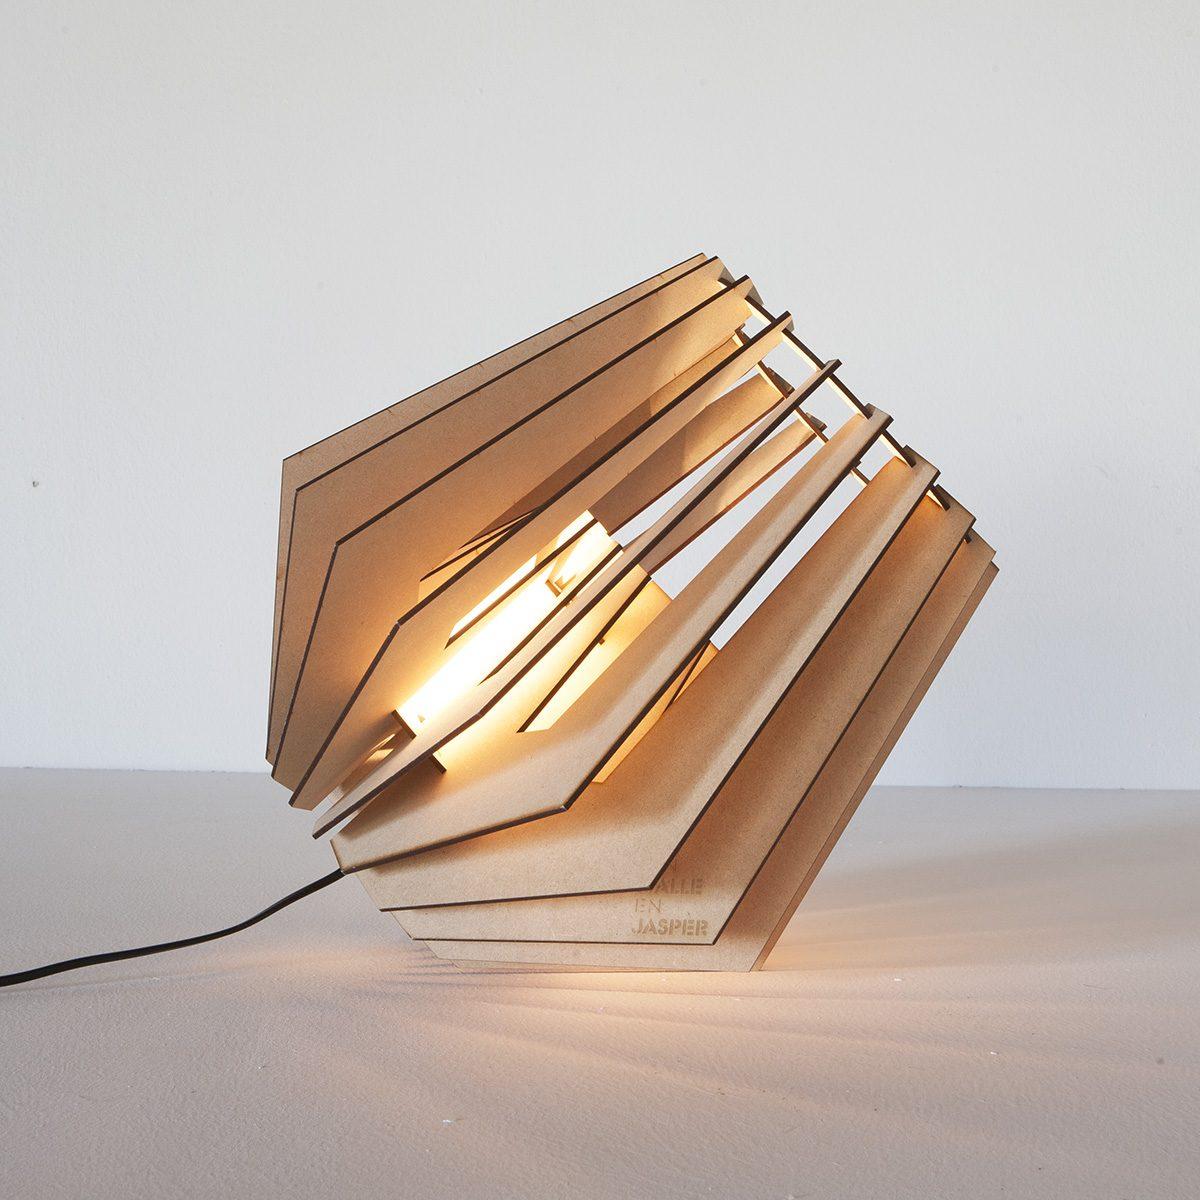 Spot-nik floorlamp by Van Tjalle en Jasper